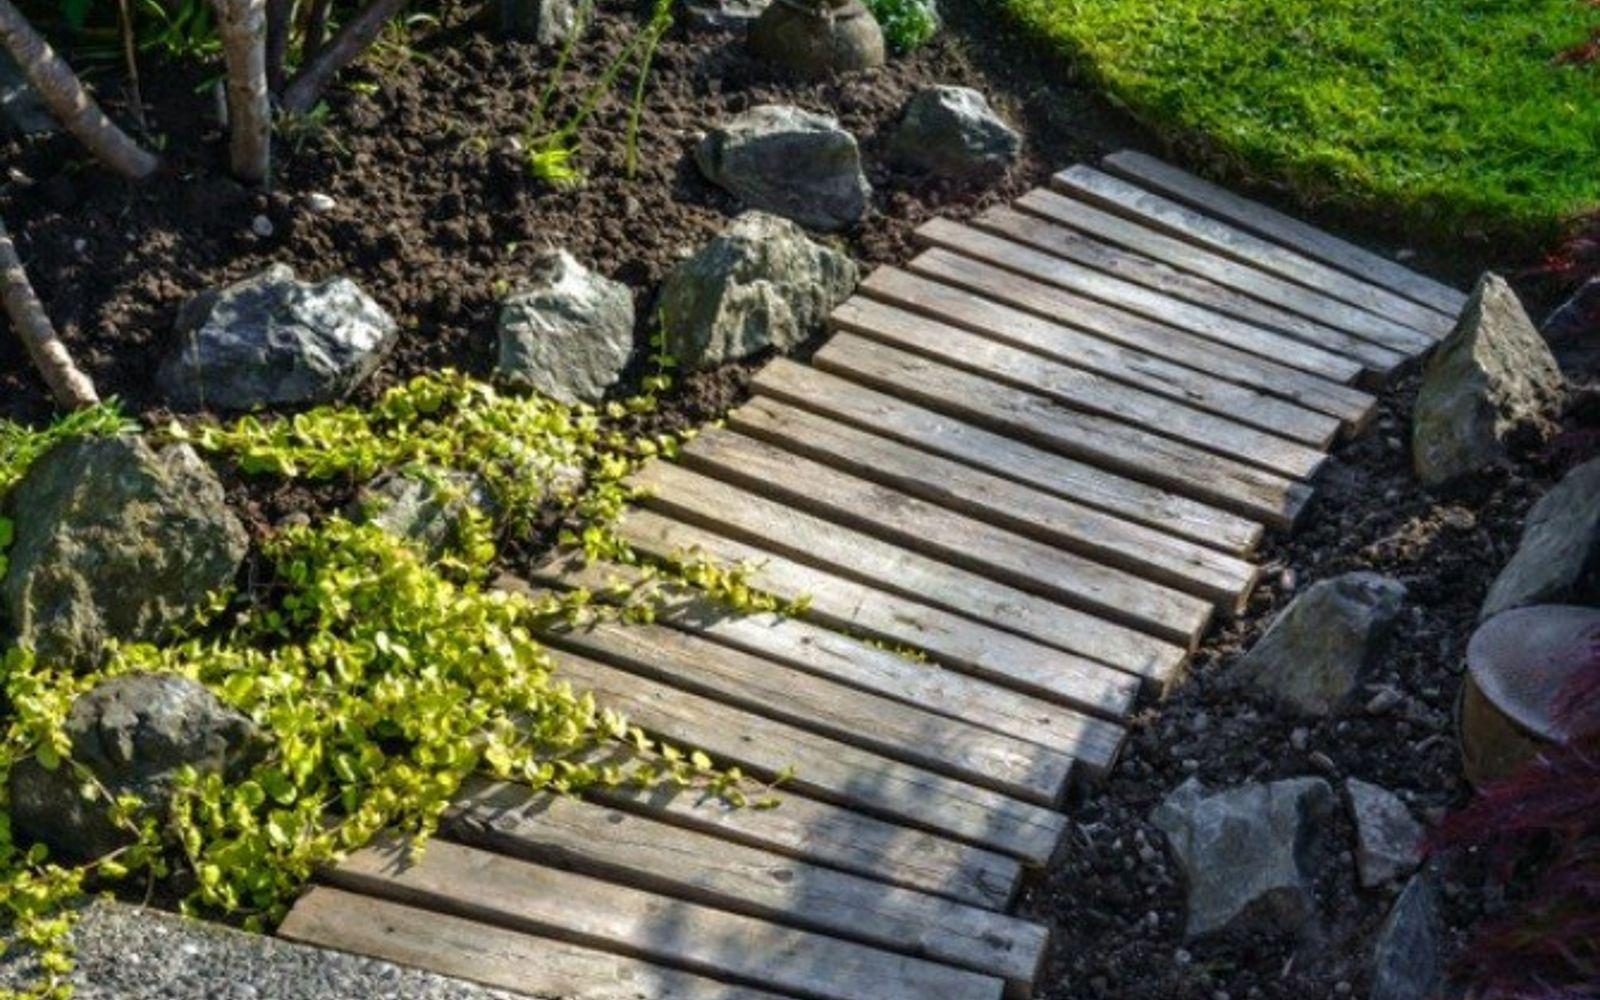 s 17 amazing garden features we ve been saving for summer, gardening, outdoor living, ponds water features, Her sweet simple pallet plank walkway